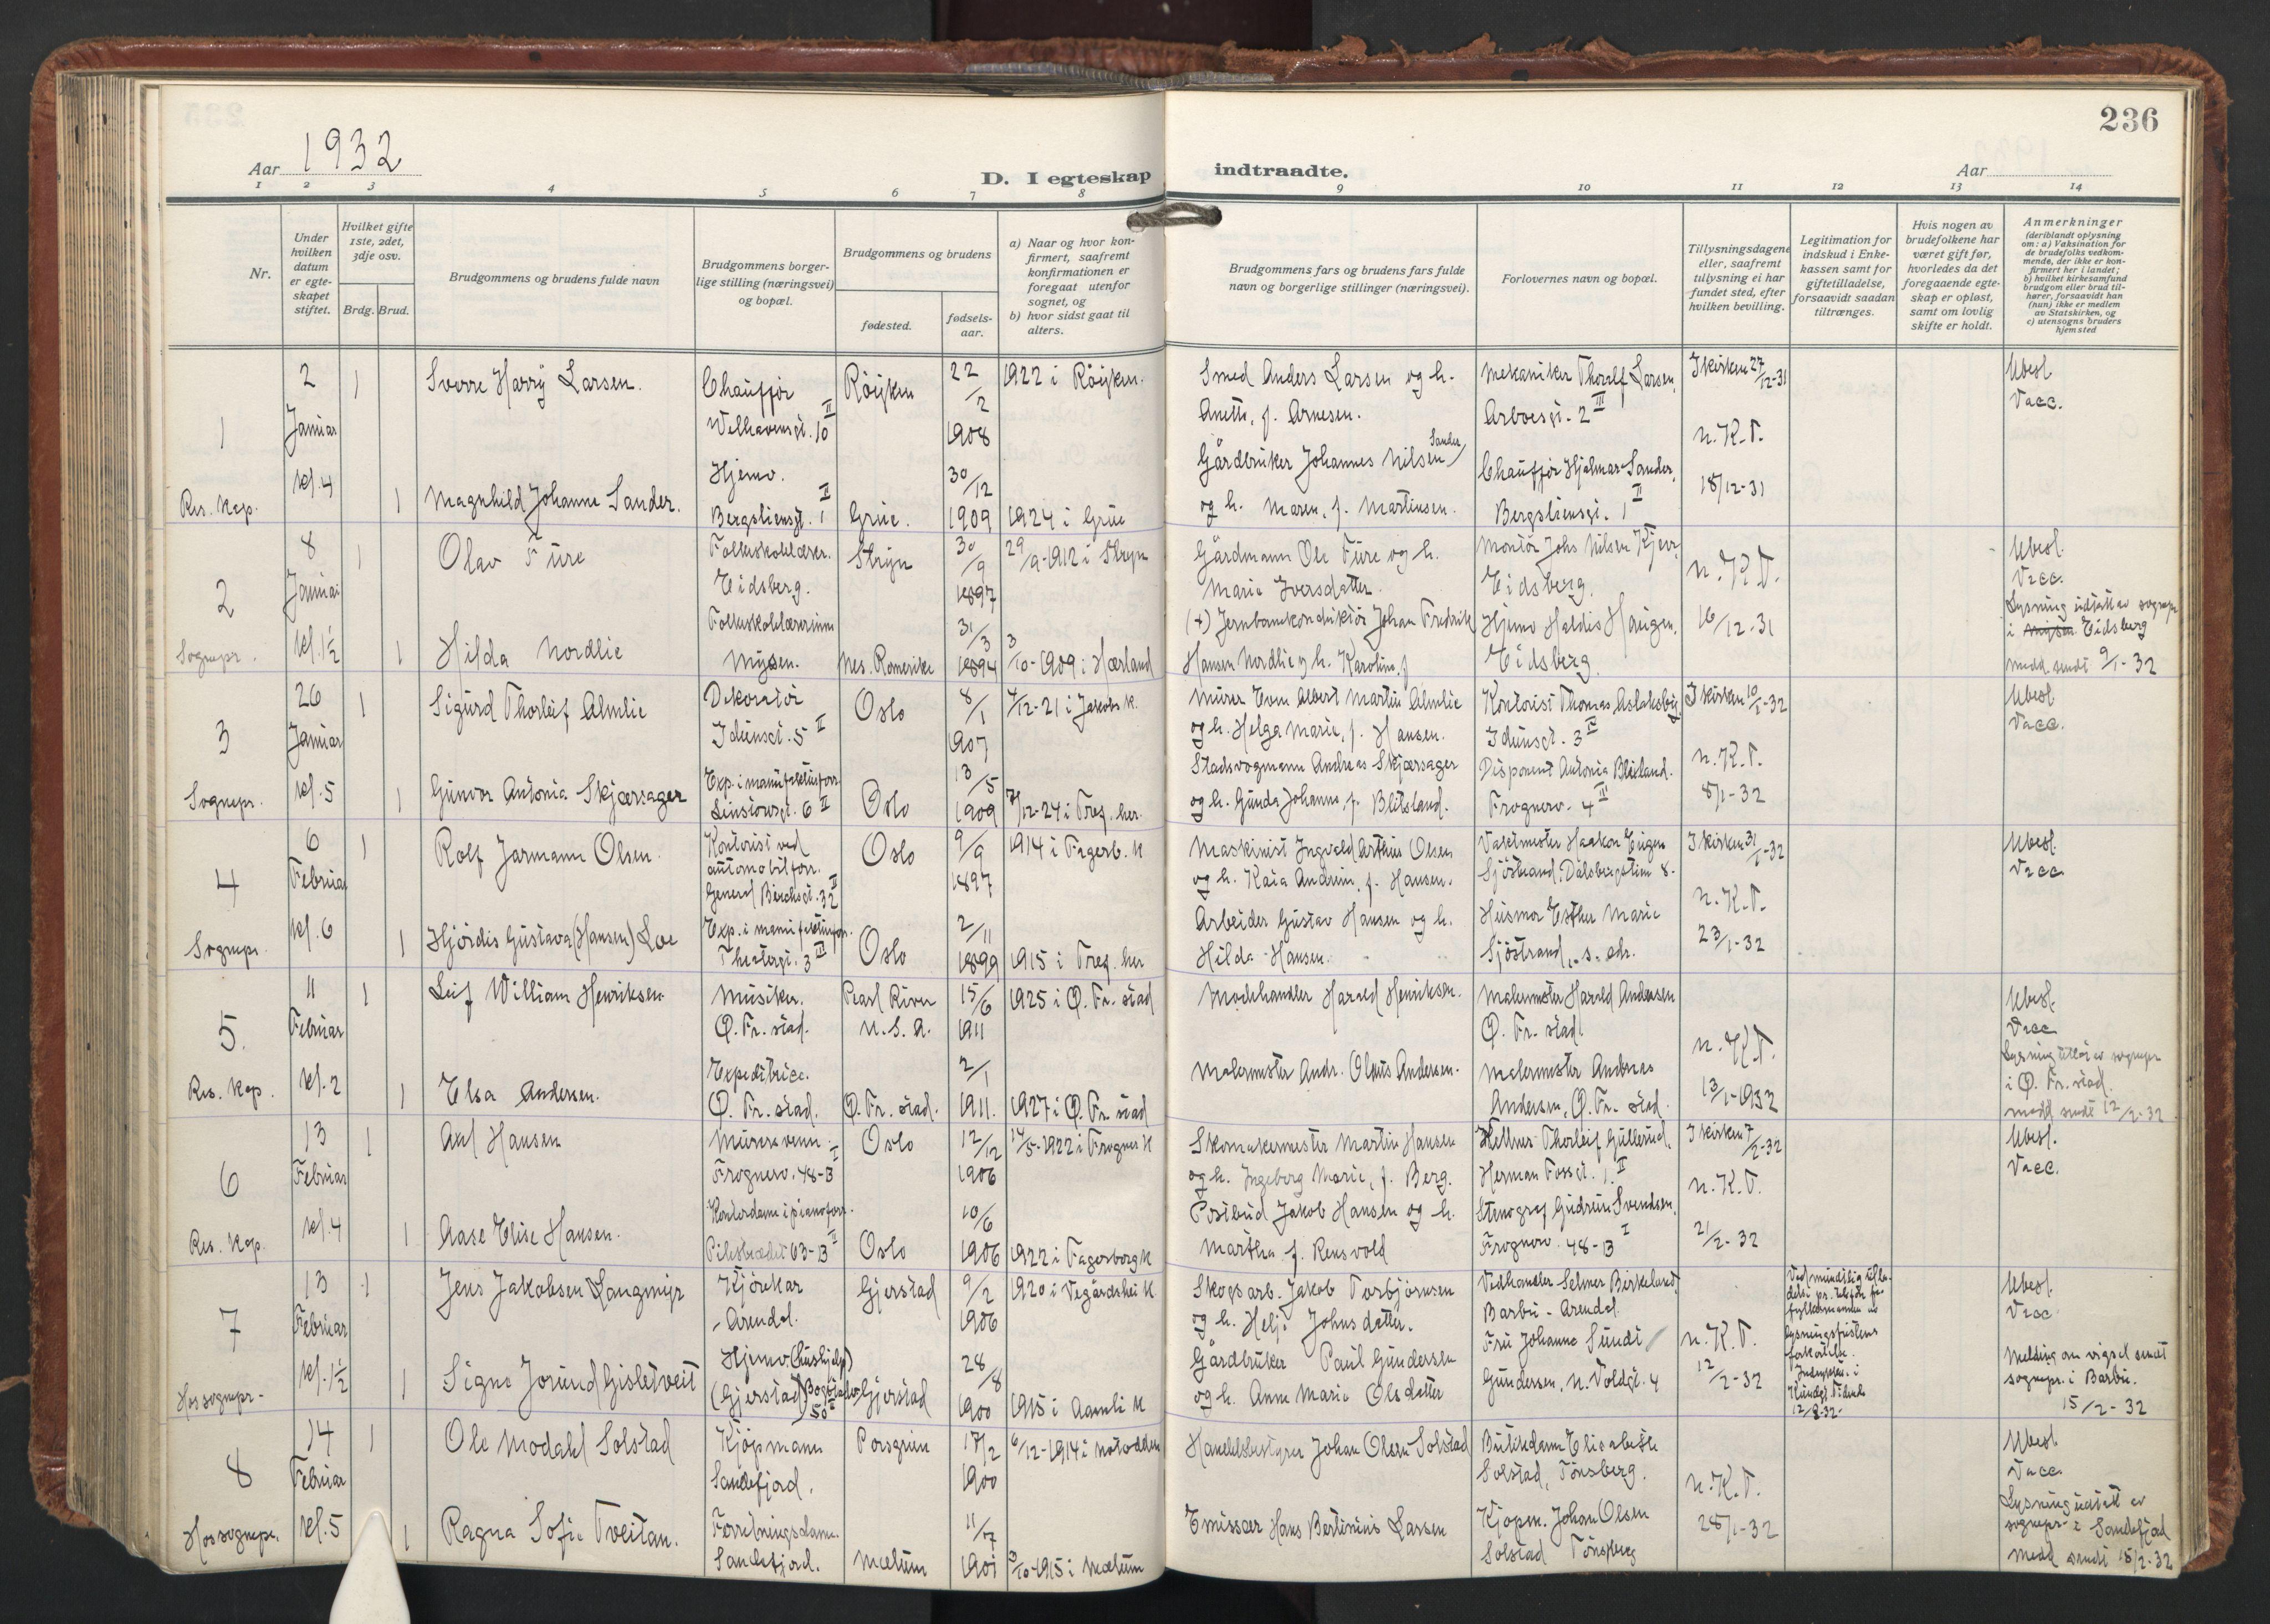 SAO, Trefoldighet prestekontor Kirkebøker, F/Fc/L0009: Ministerialbok nr. III 9, 1922-1936, s. 236